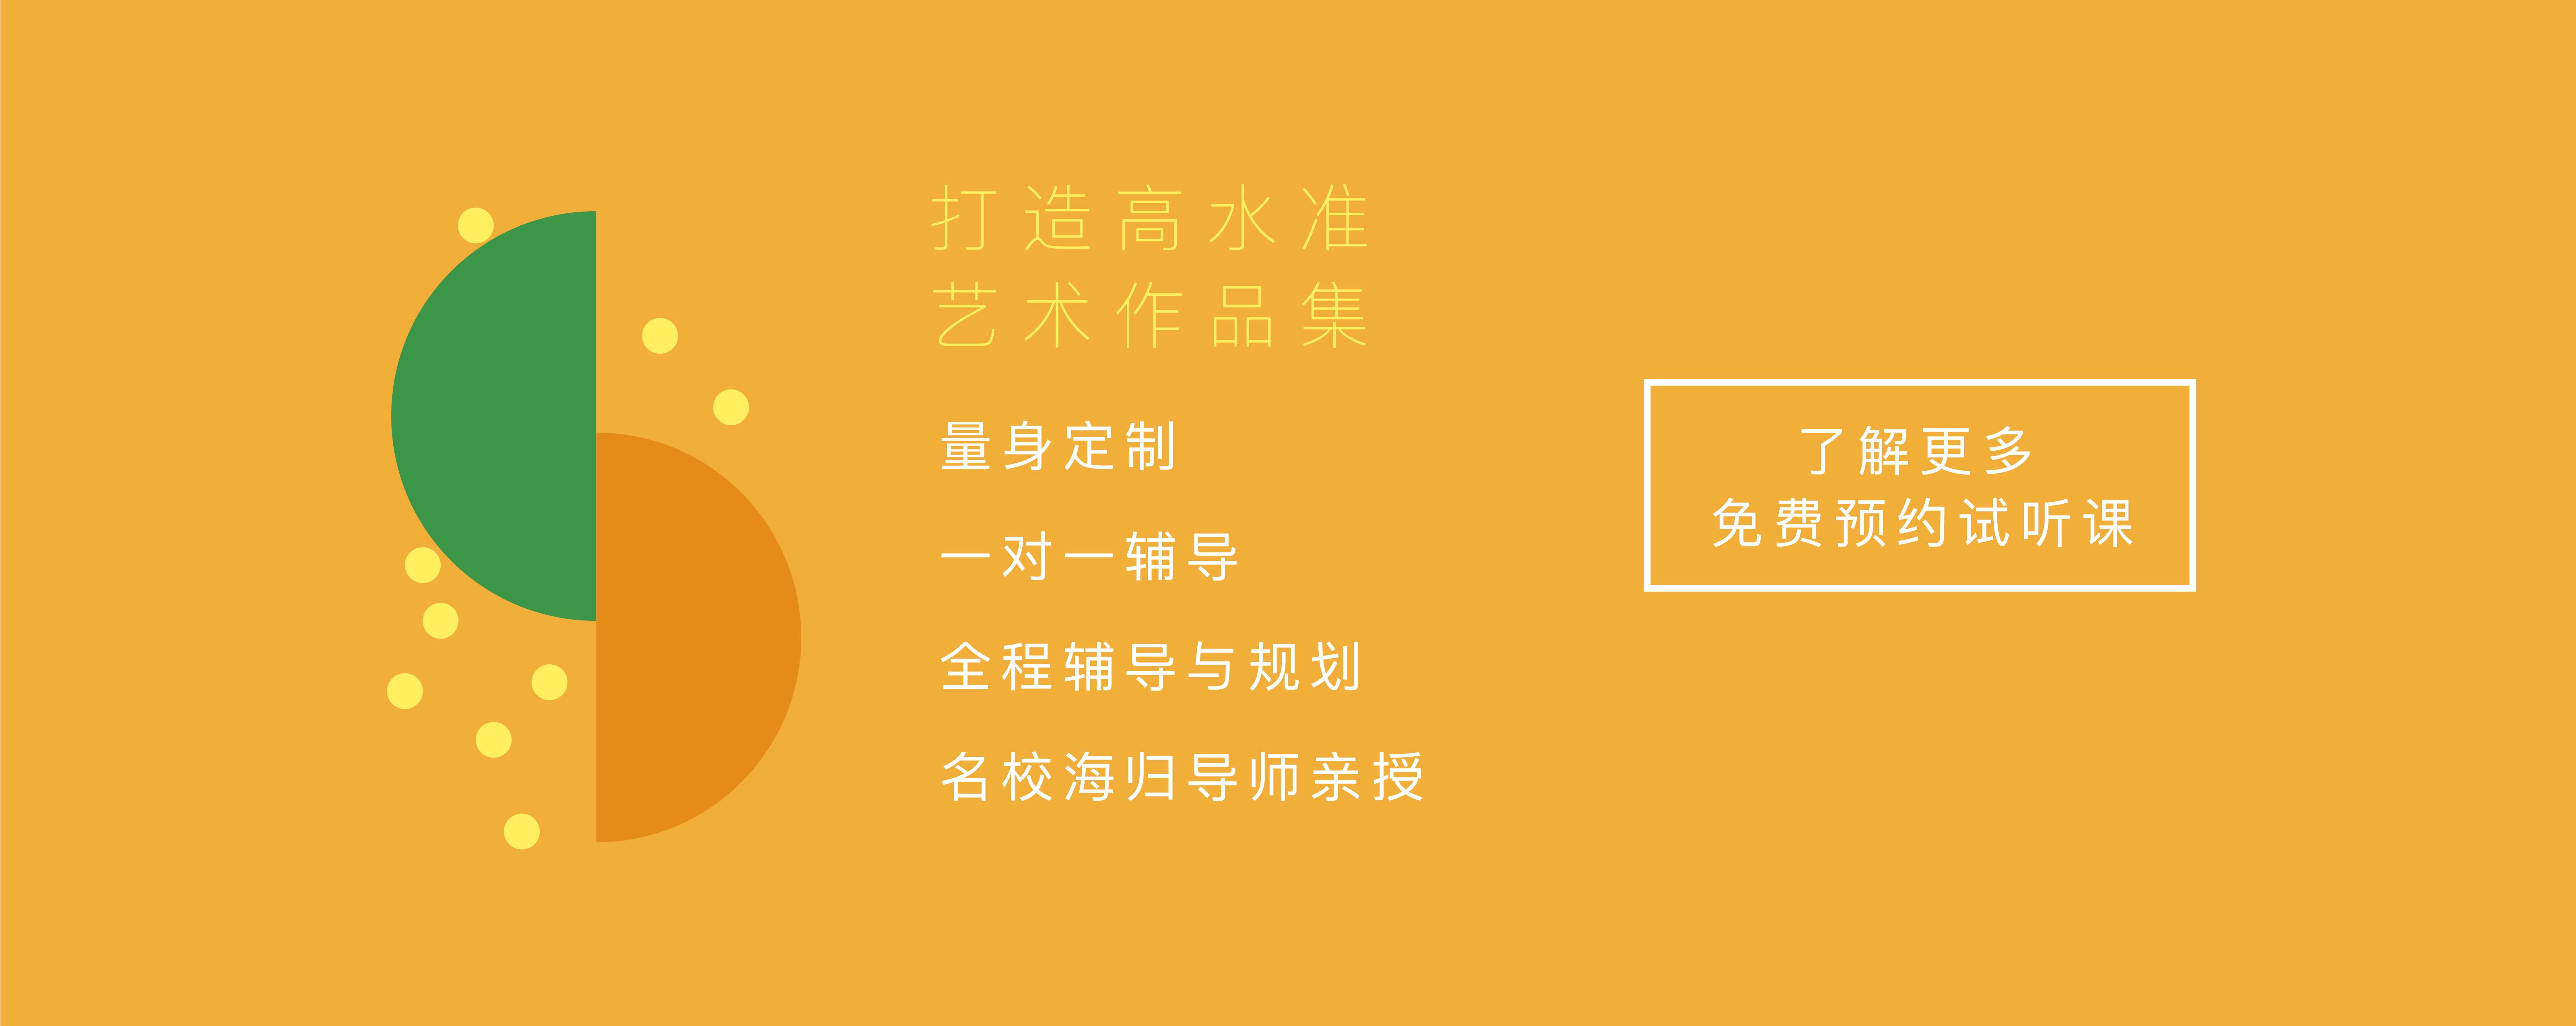 留学banner